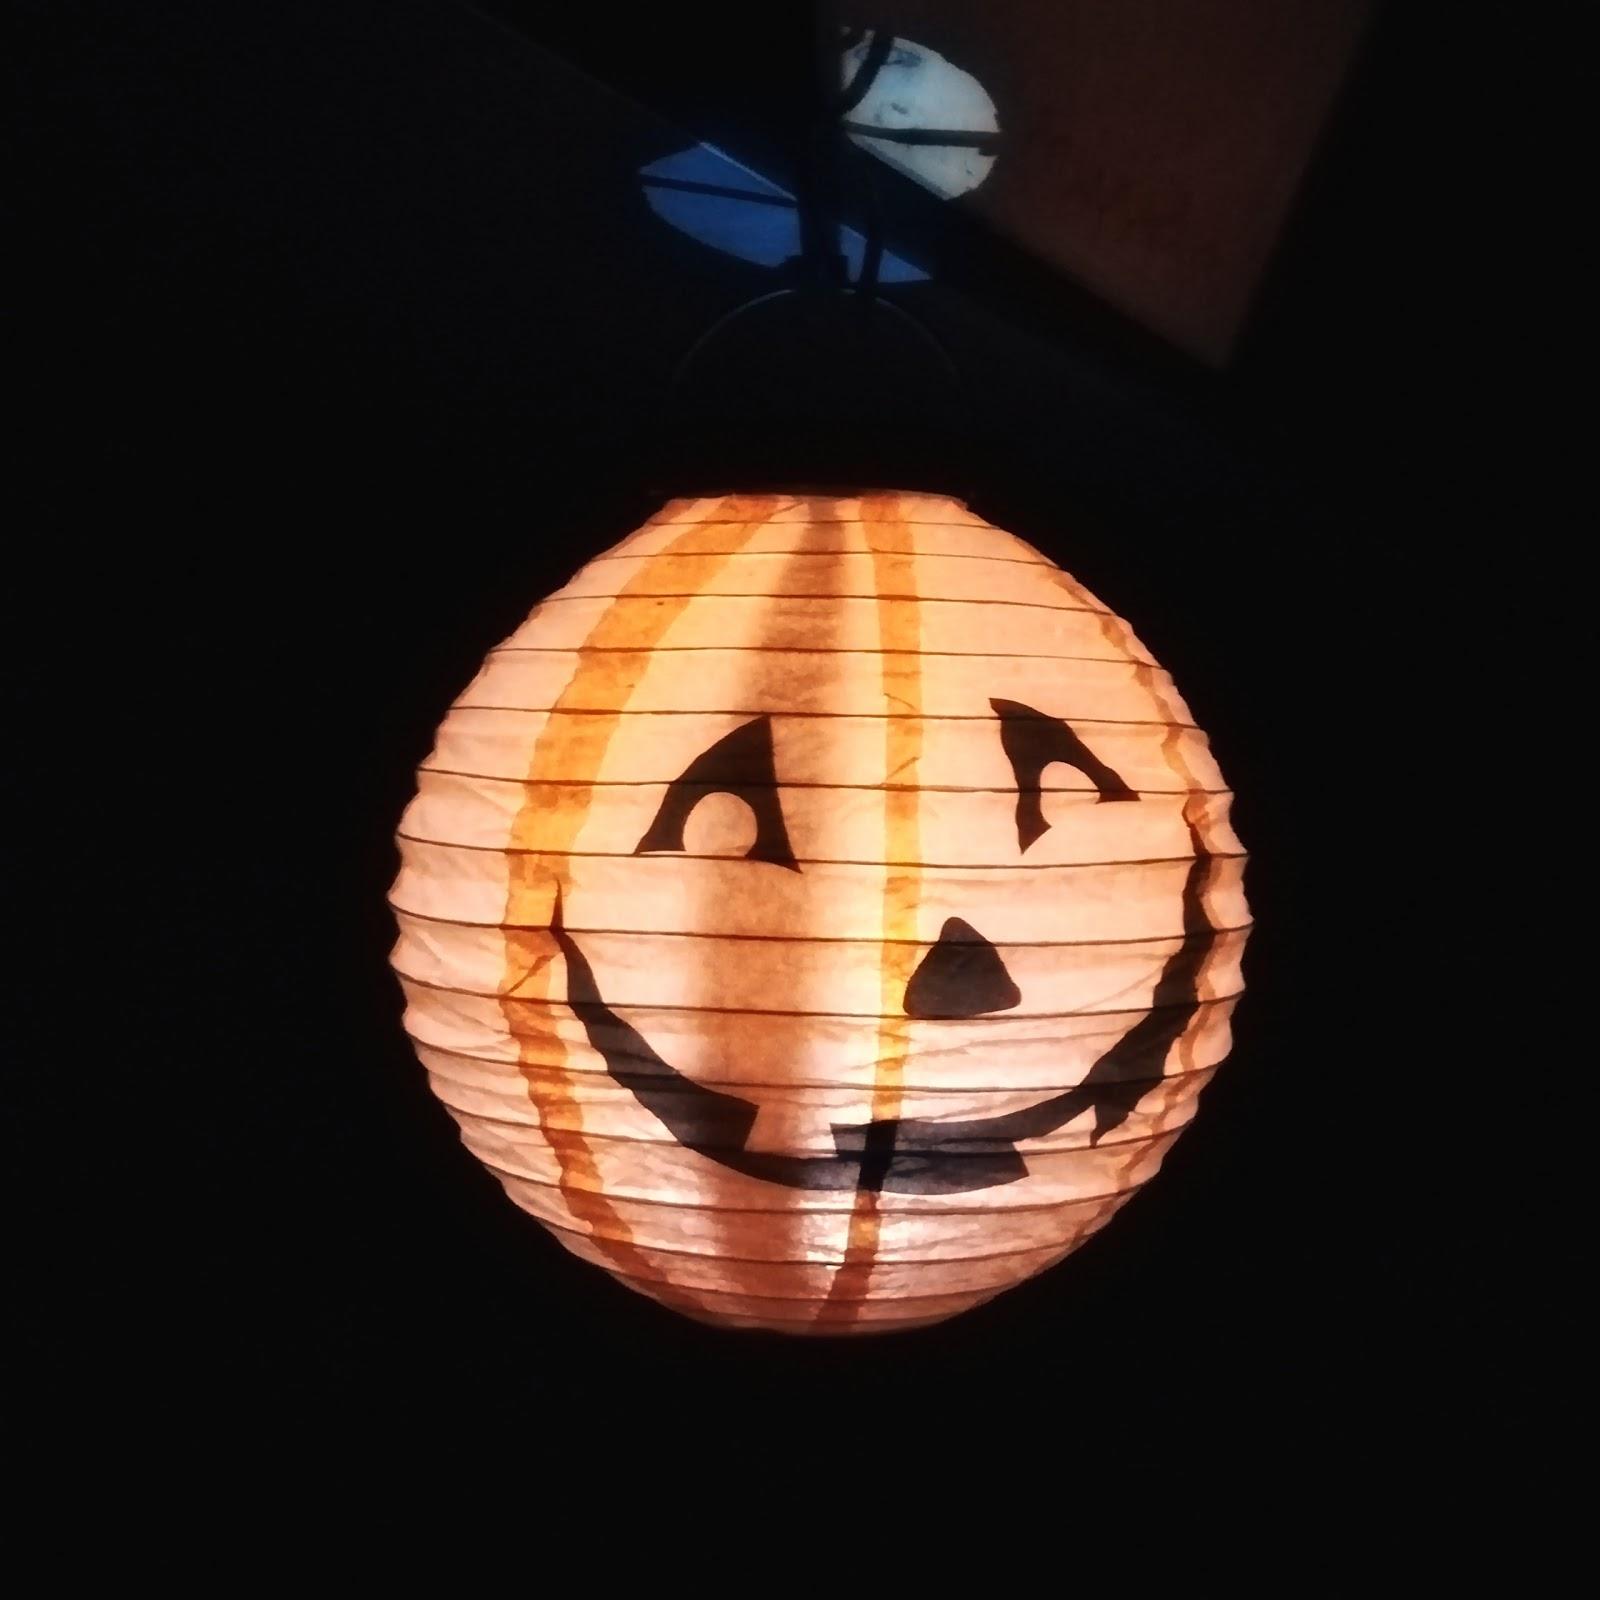 Perche Non Festeggiare Halloween.Perche Festeggiare Halloween Con I Bambini Cinque Buoni Motivi Per